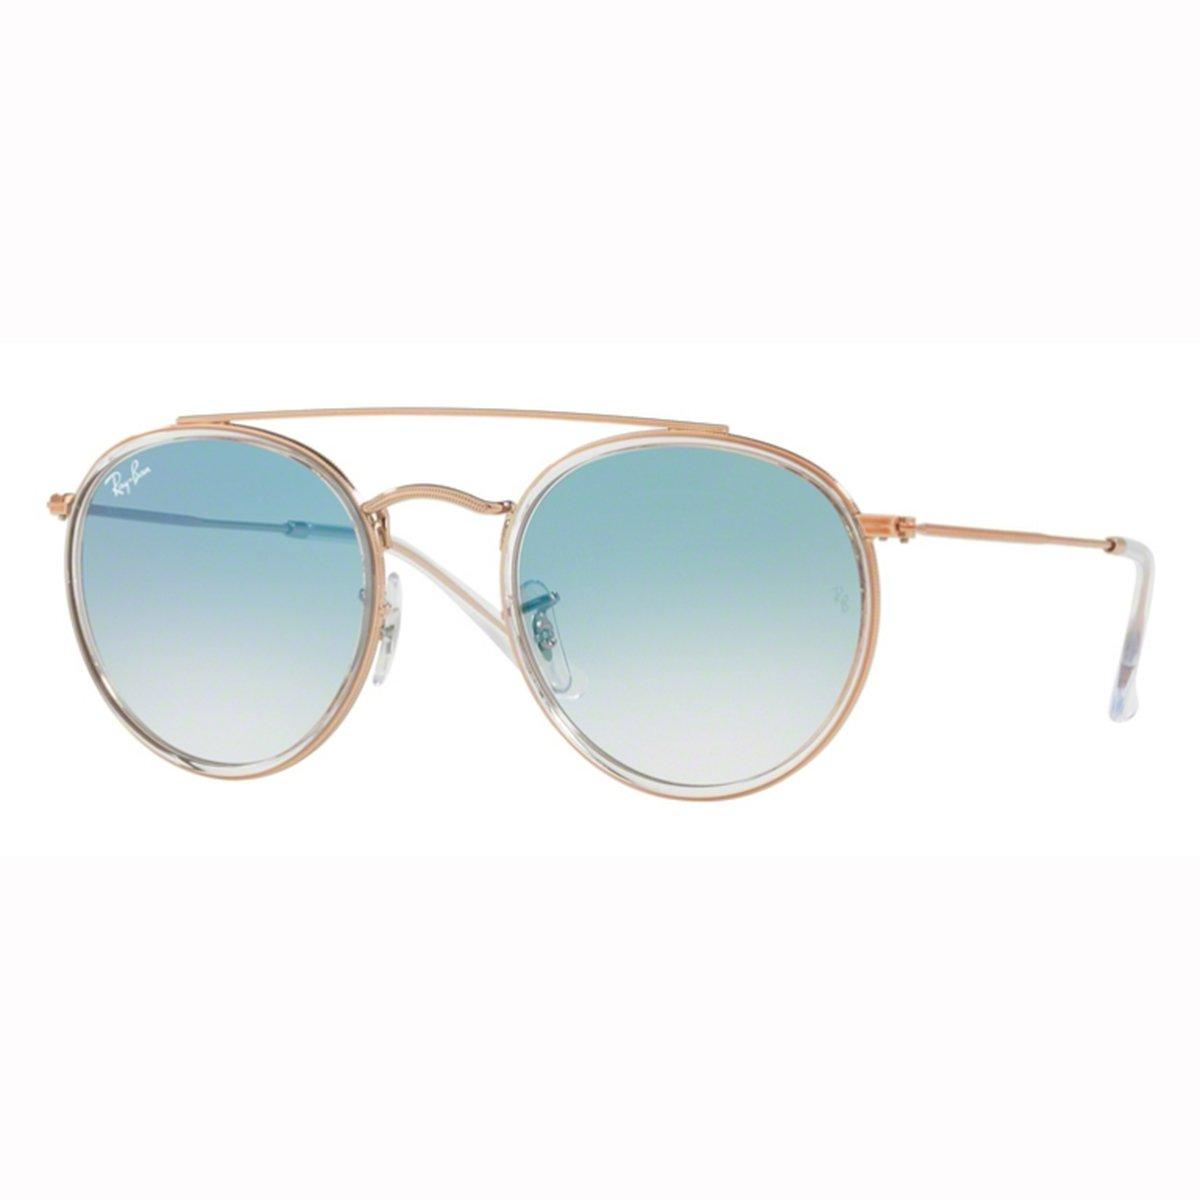 087351e1aa6aa Compre Óculos de Sol Ray Ban em 10X   Tri-Jóia Shop